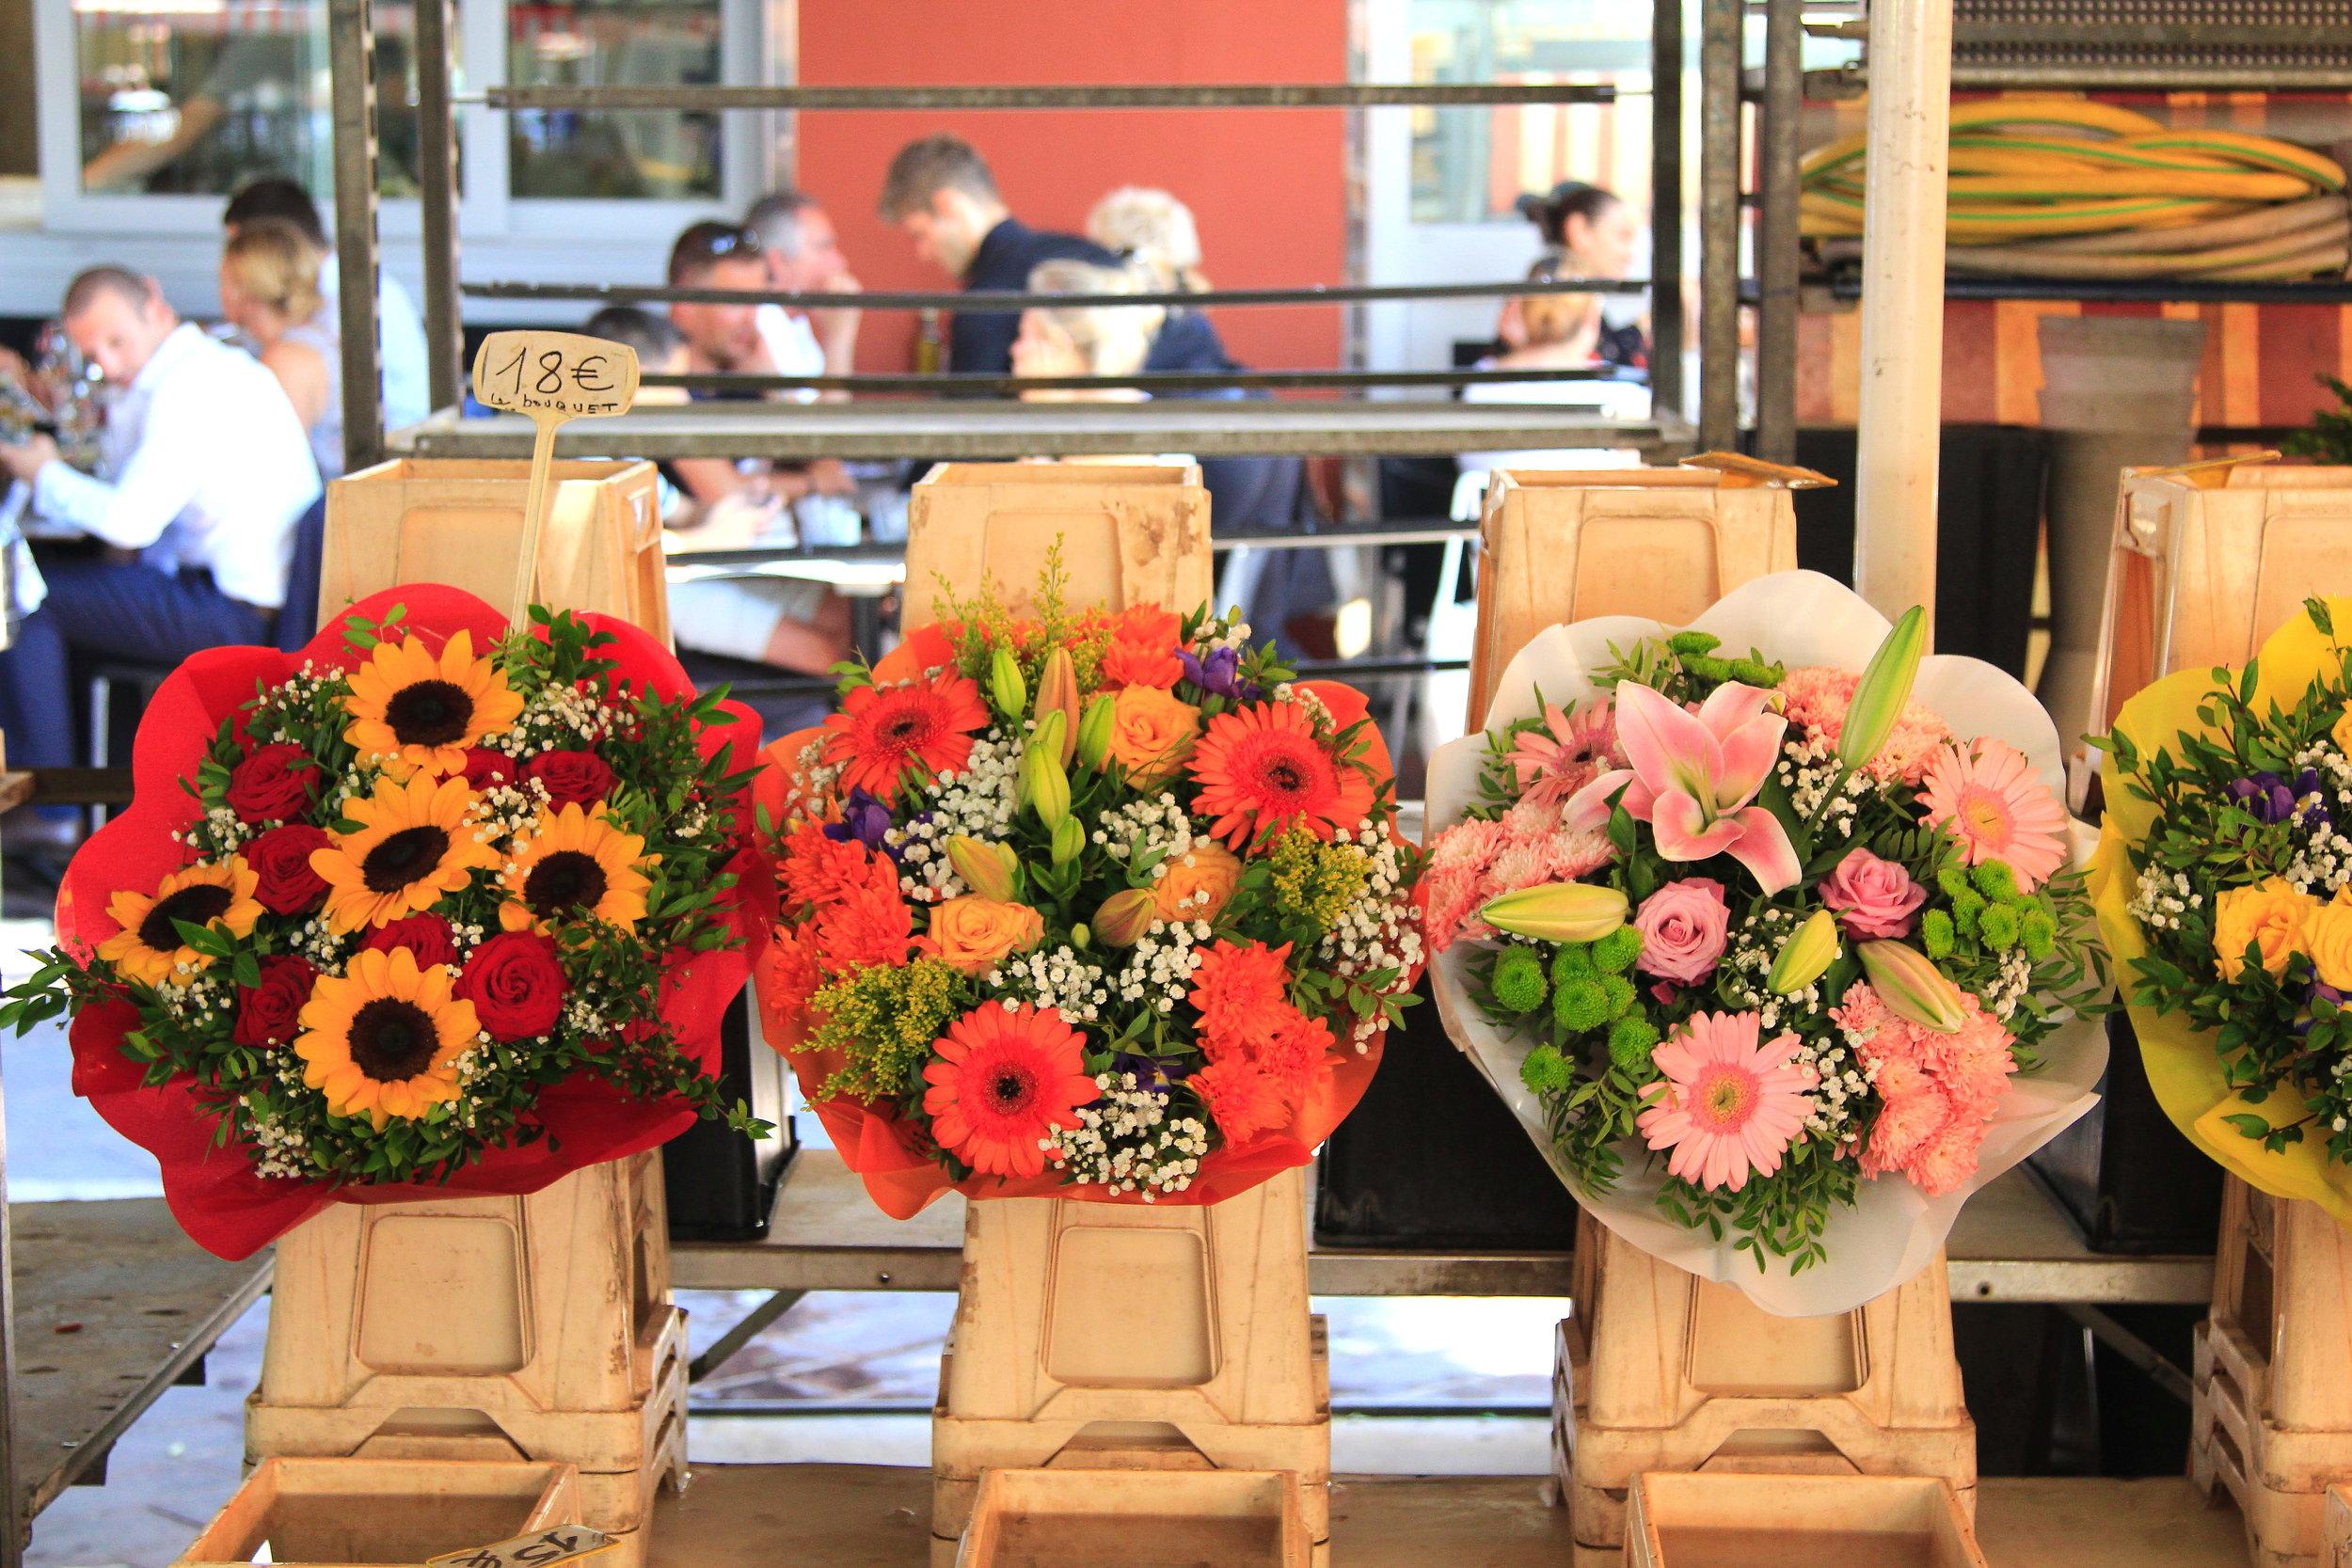 Cours Saleya Market, Nice